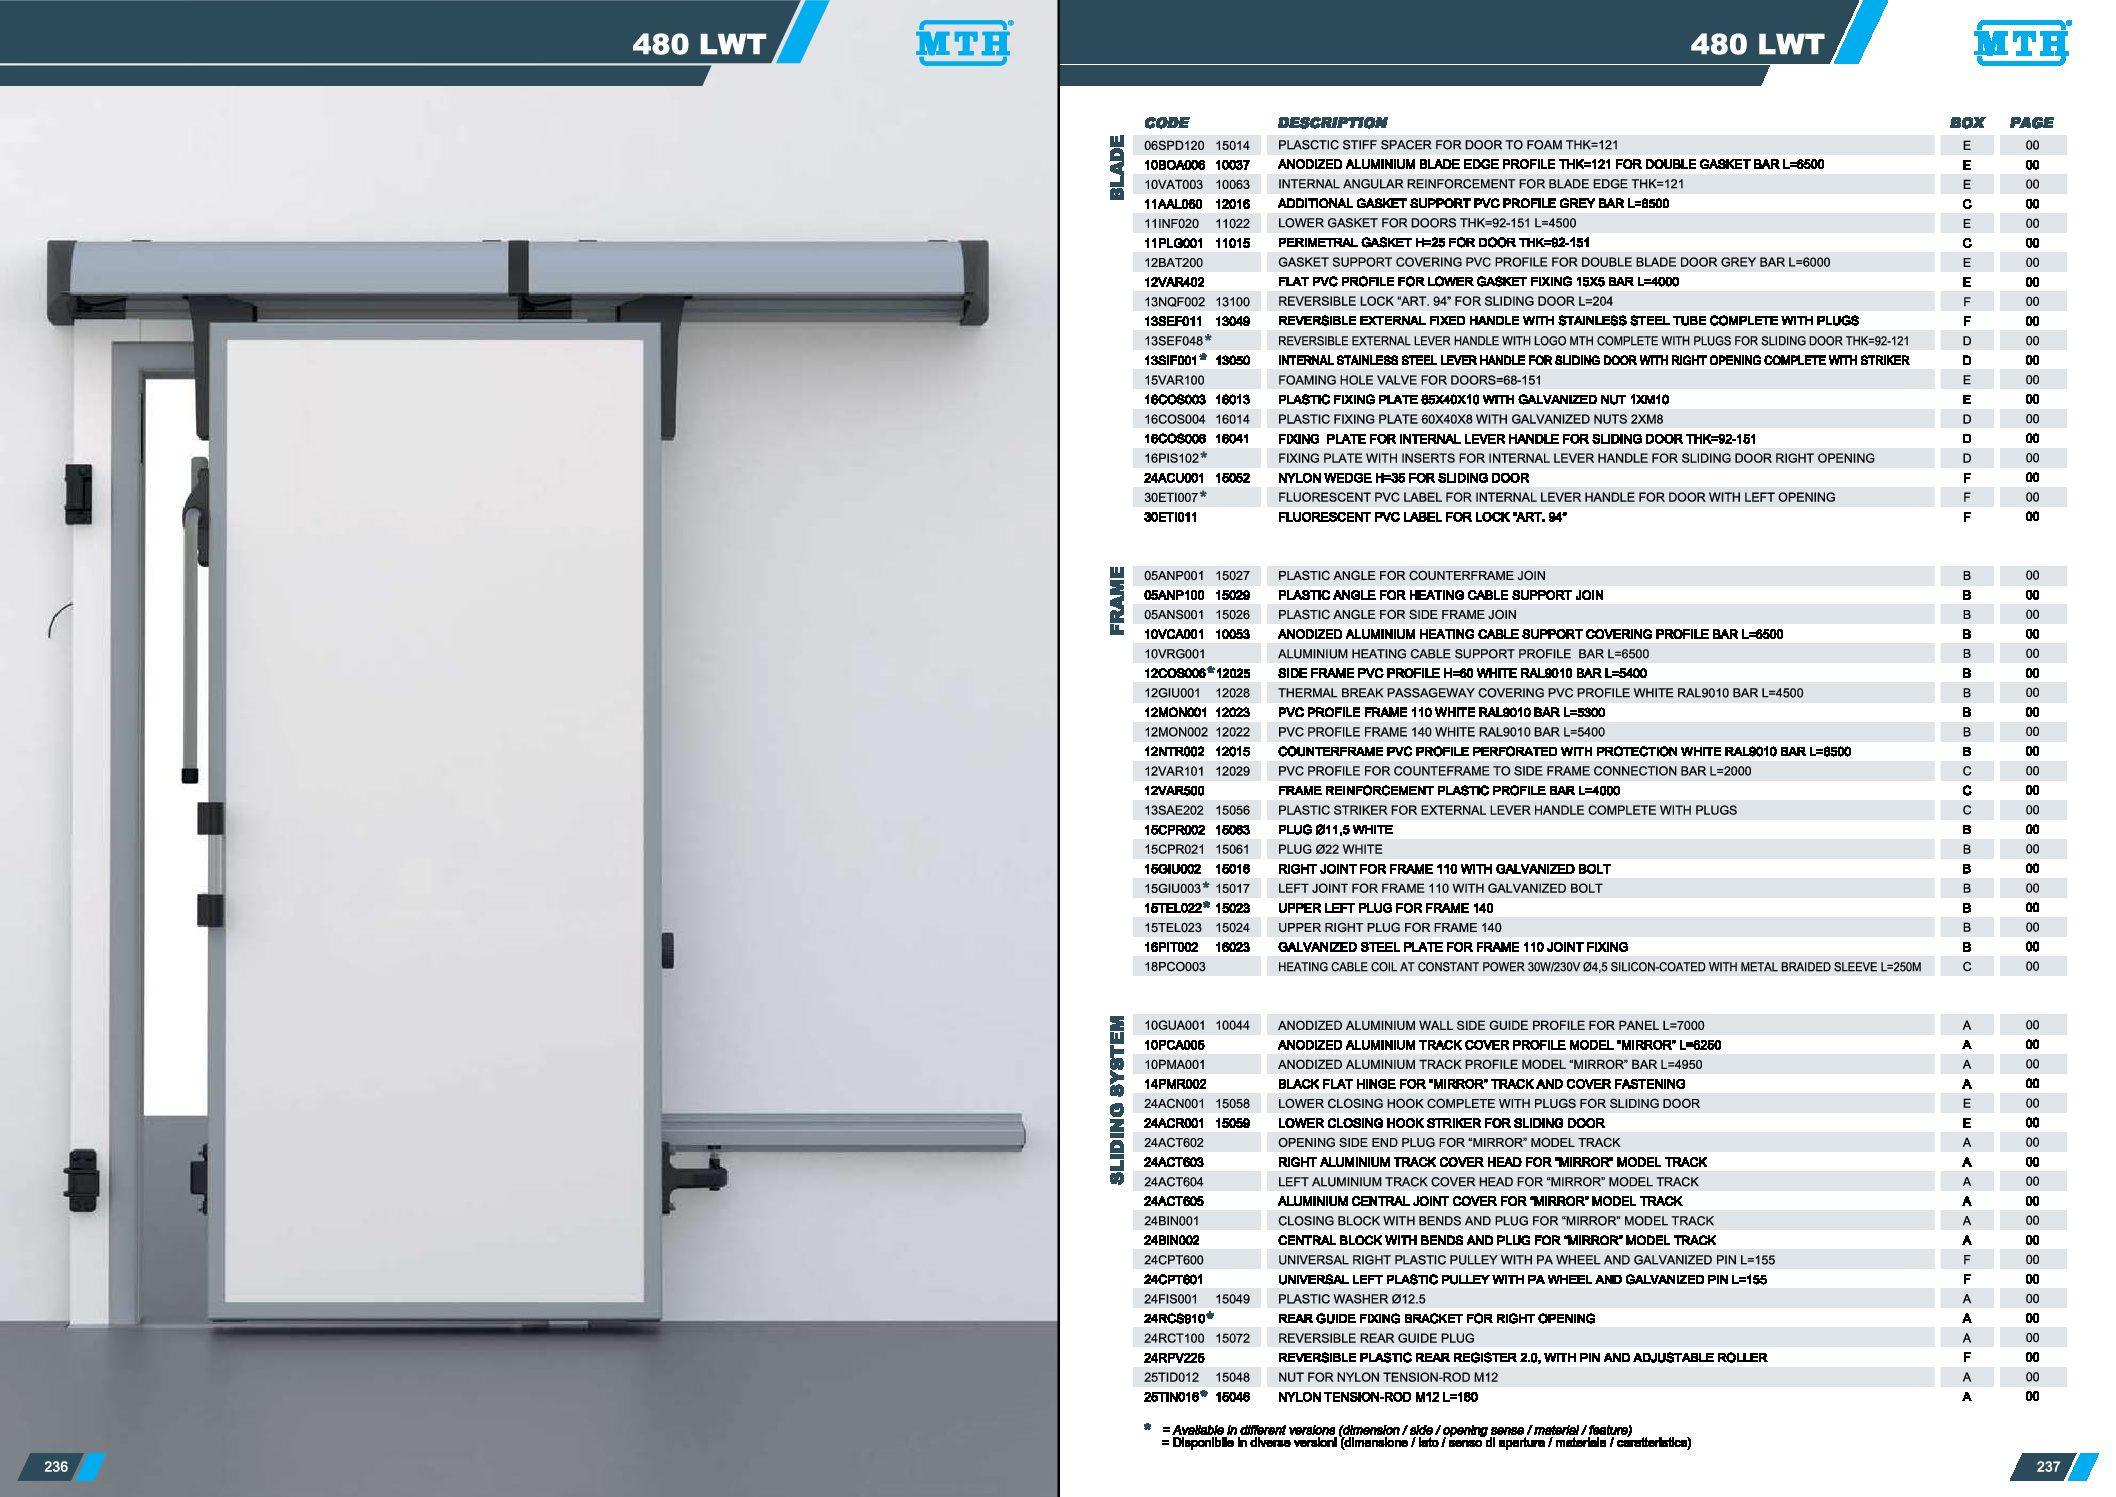 480lwt pdf 1